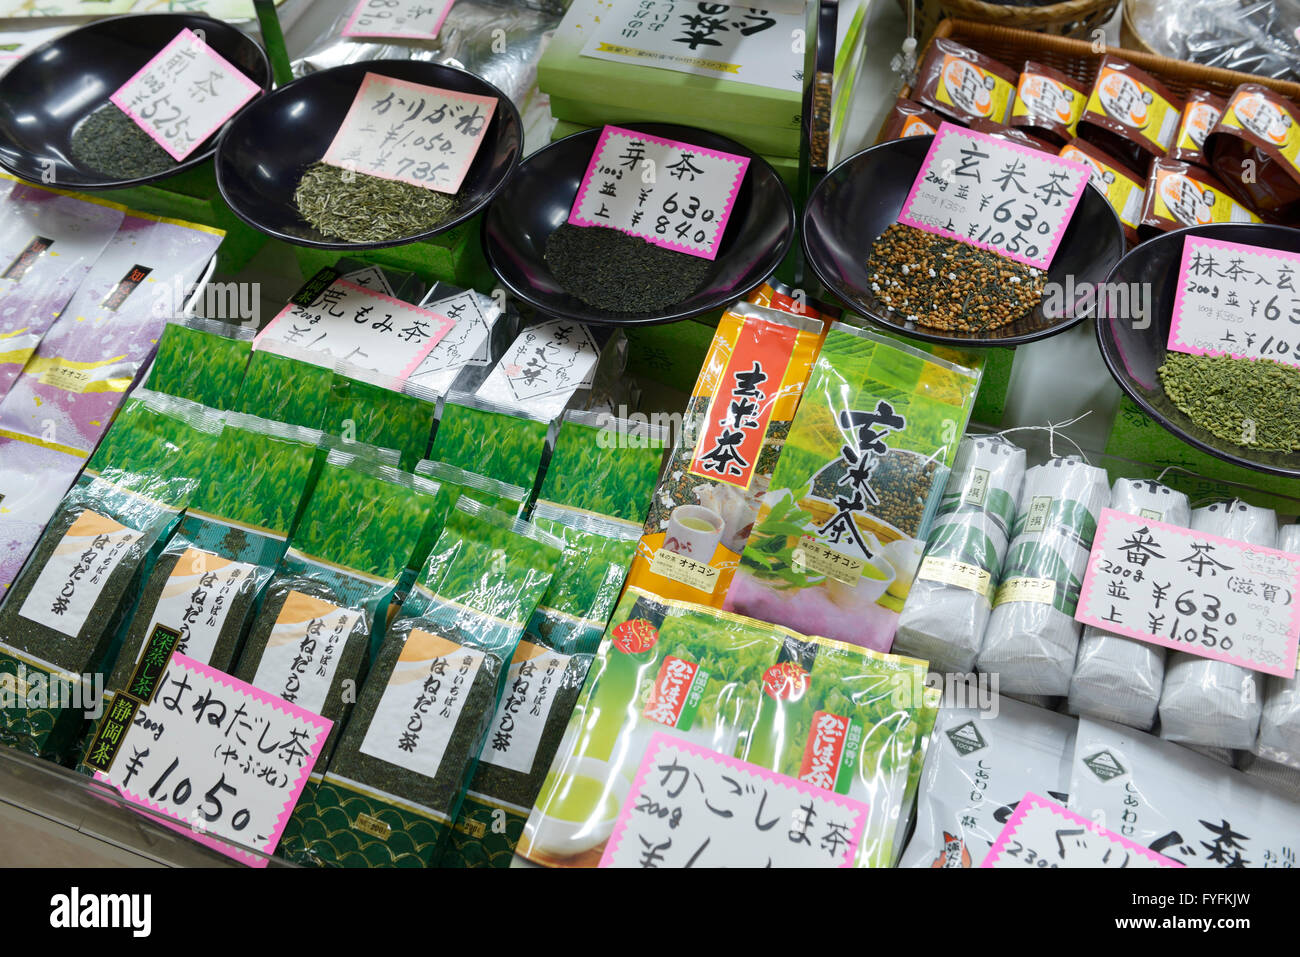 Tè giapponese, genmaicha, presso un negozio,Tokyo, Giappone Immagini Stock